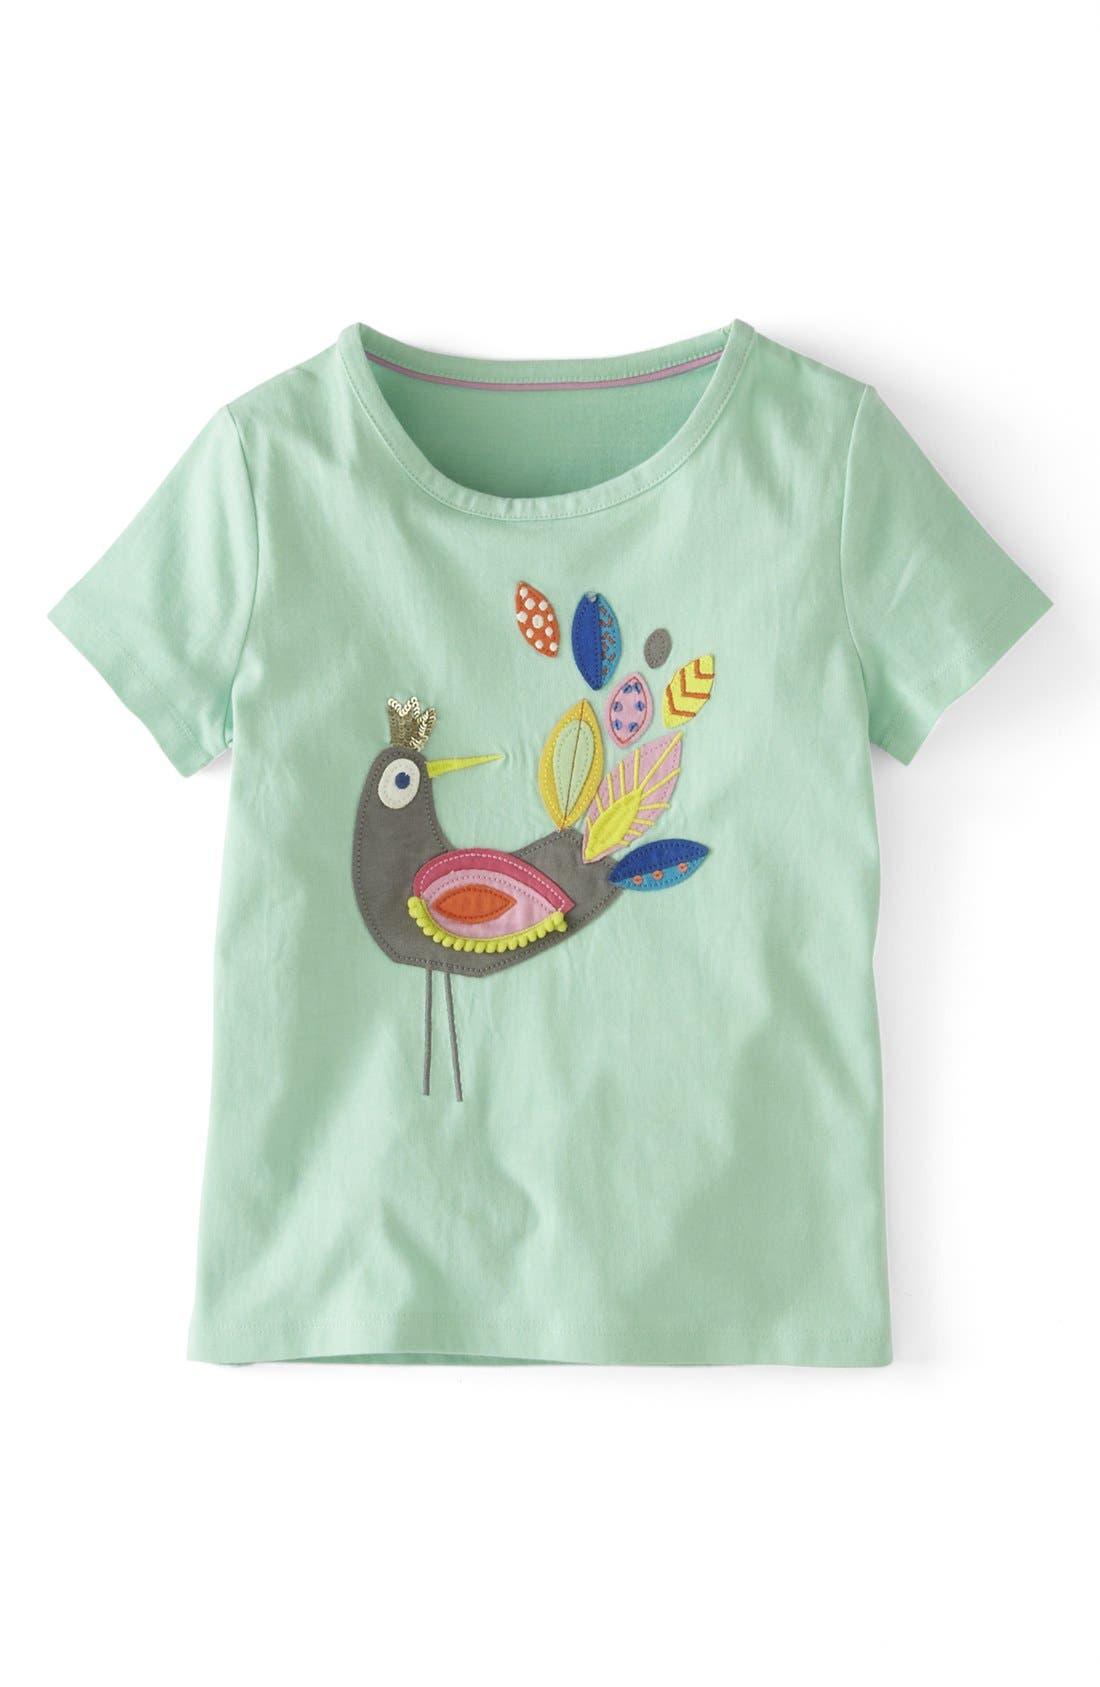 Main Image - Mini Boden Pompom Appliqué Tee (Toddler Girls, Little Girls & Big Girls)